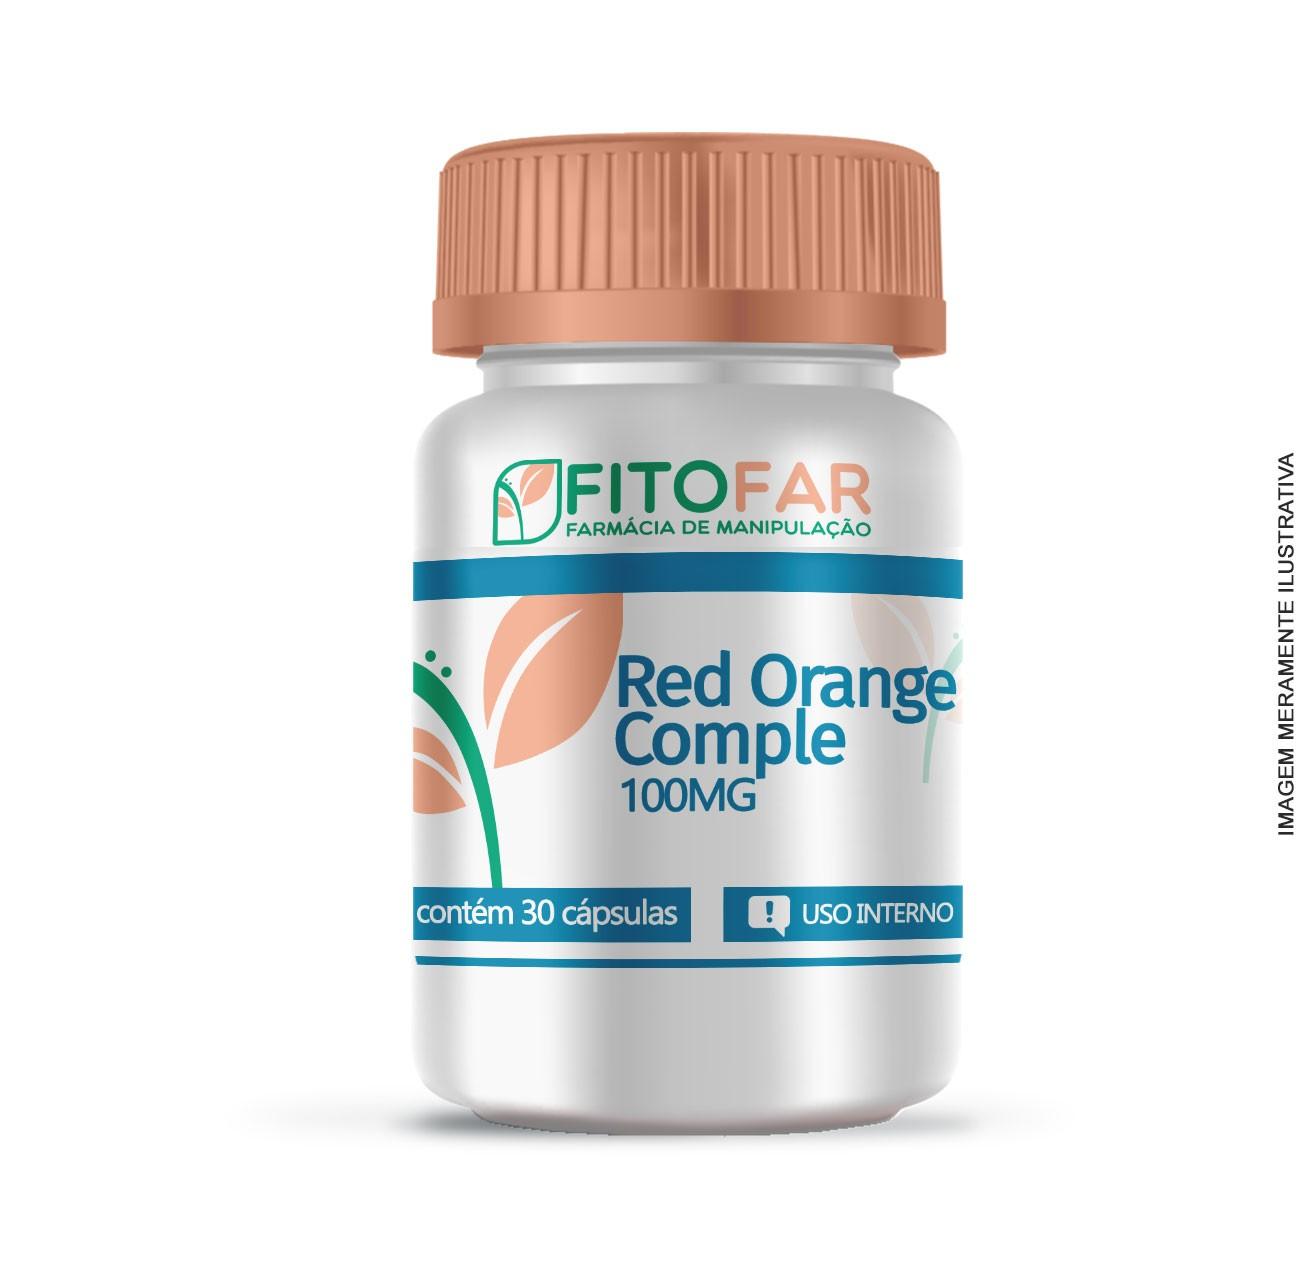 Red Orange Complex - 100MG - 30 CÁPS